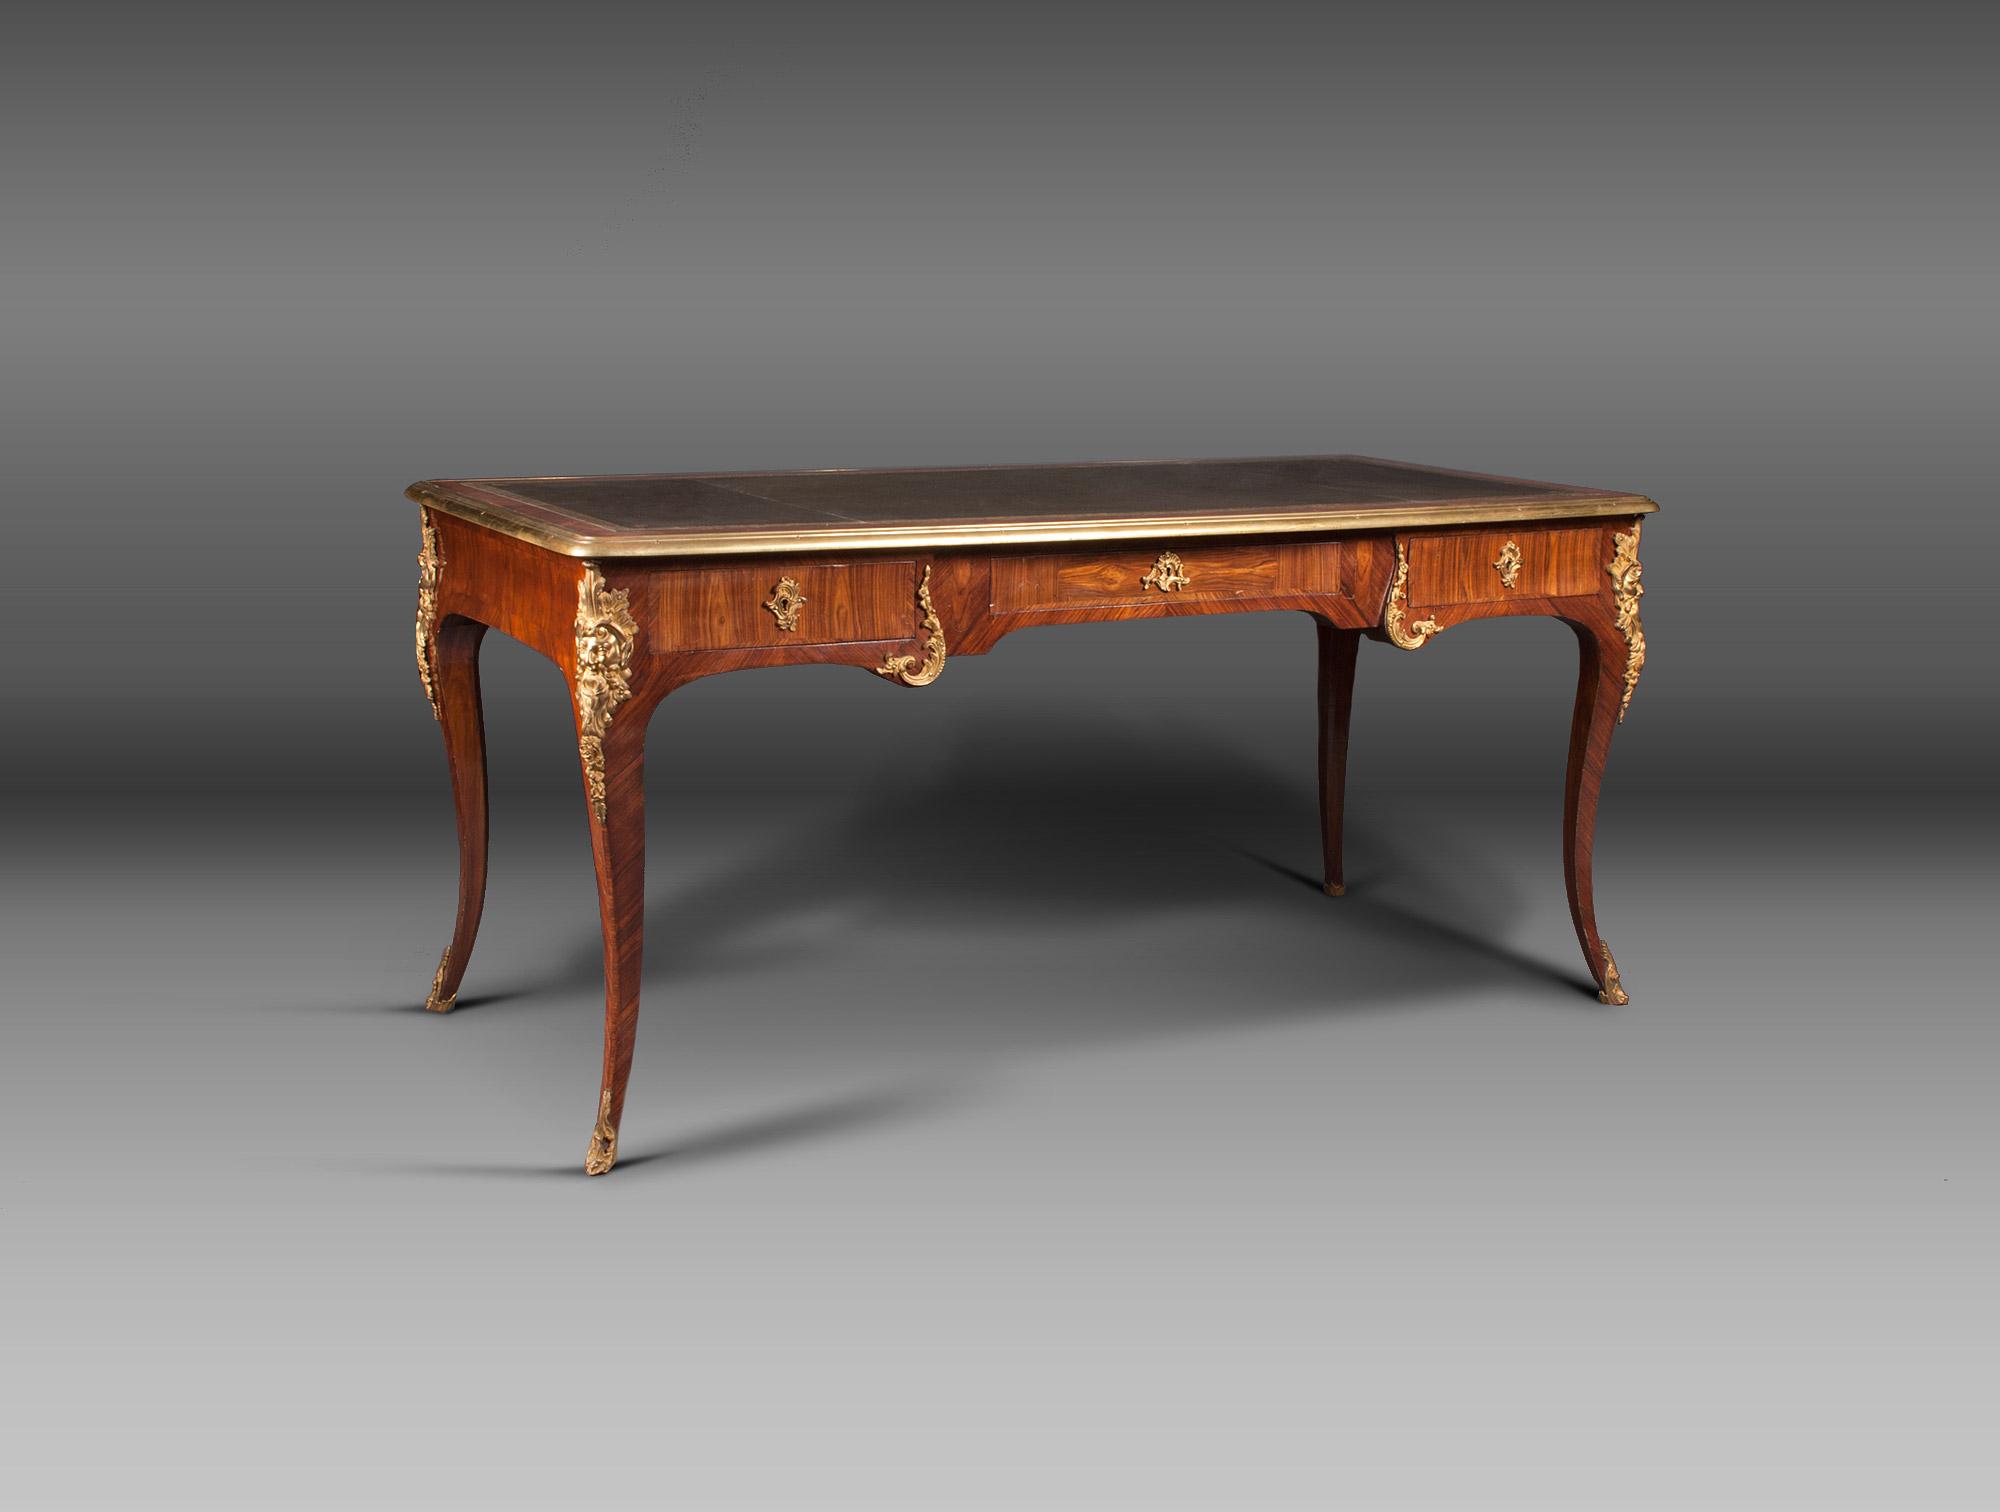 Bureau style louis xv soubrier louer tables bureaux - Bureau style louis xv ...